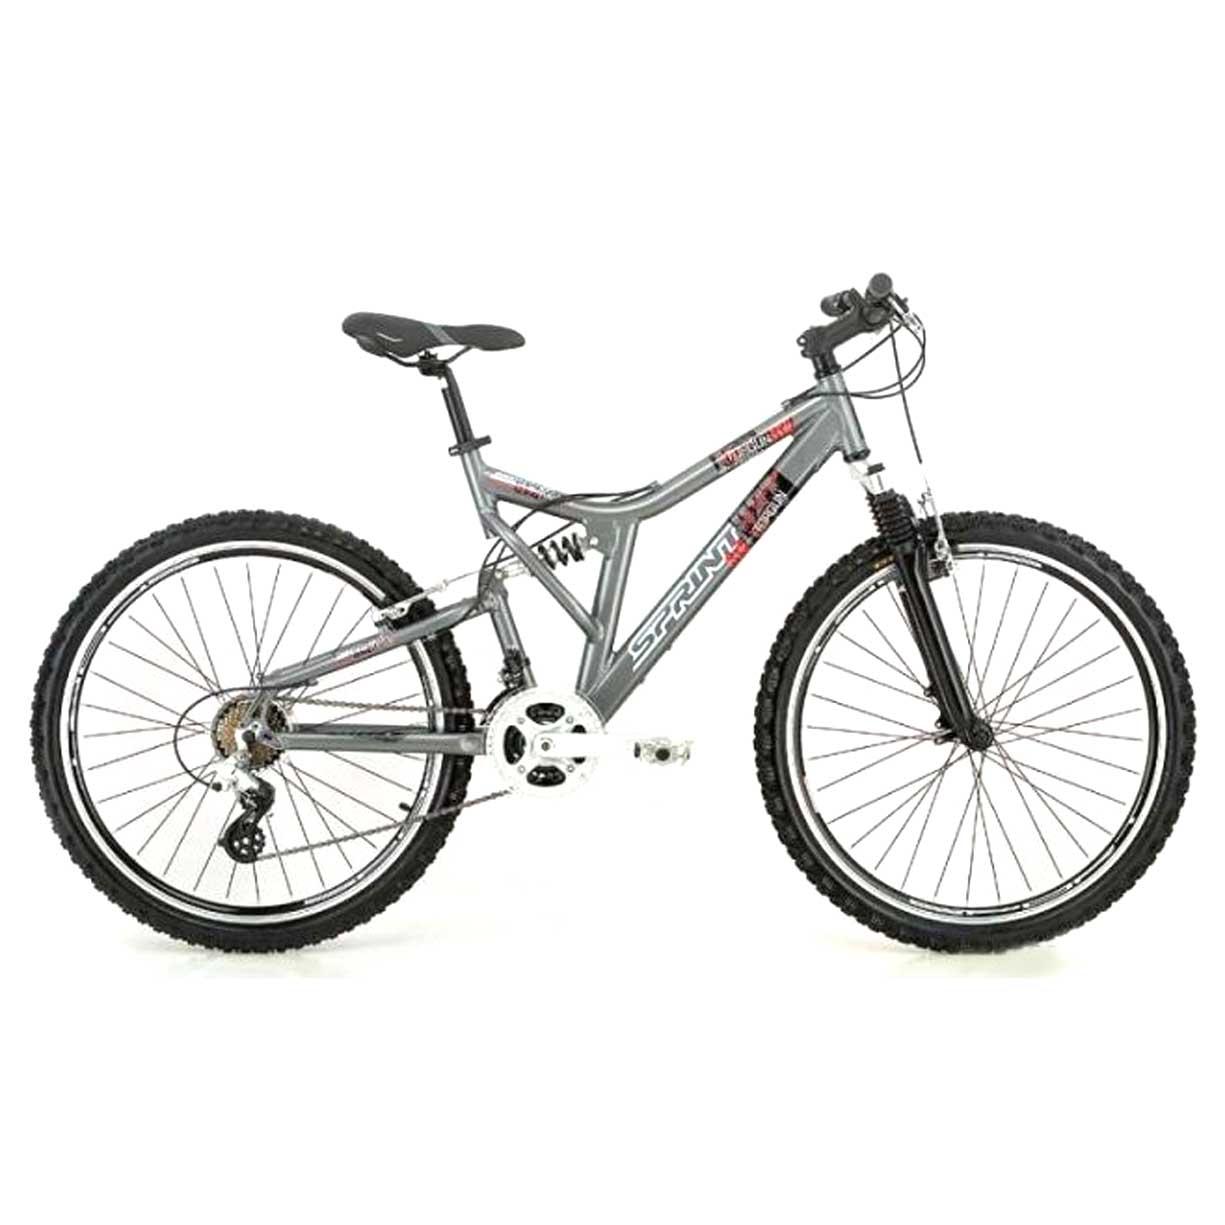 """Велосипед Sprint 26"""" TOP GUN 21 скор. ал.рама 18"""" диск.торм. двухподв серый(01255) УЦЕНКА!!! 270917"""